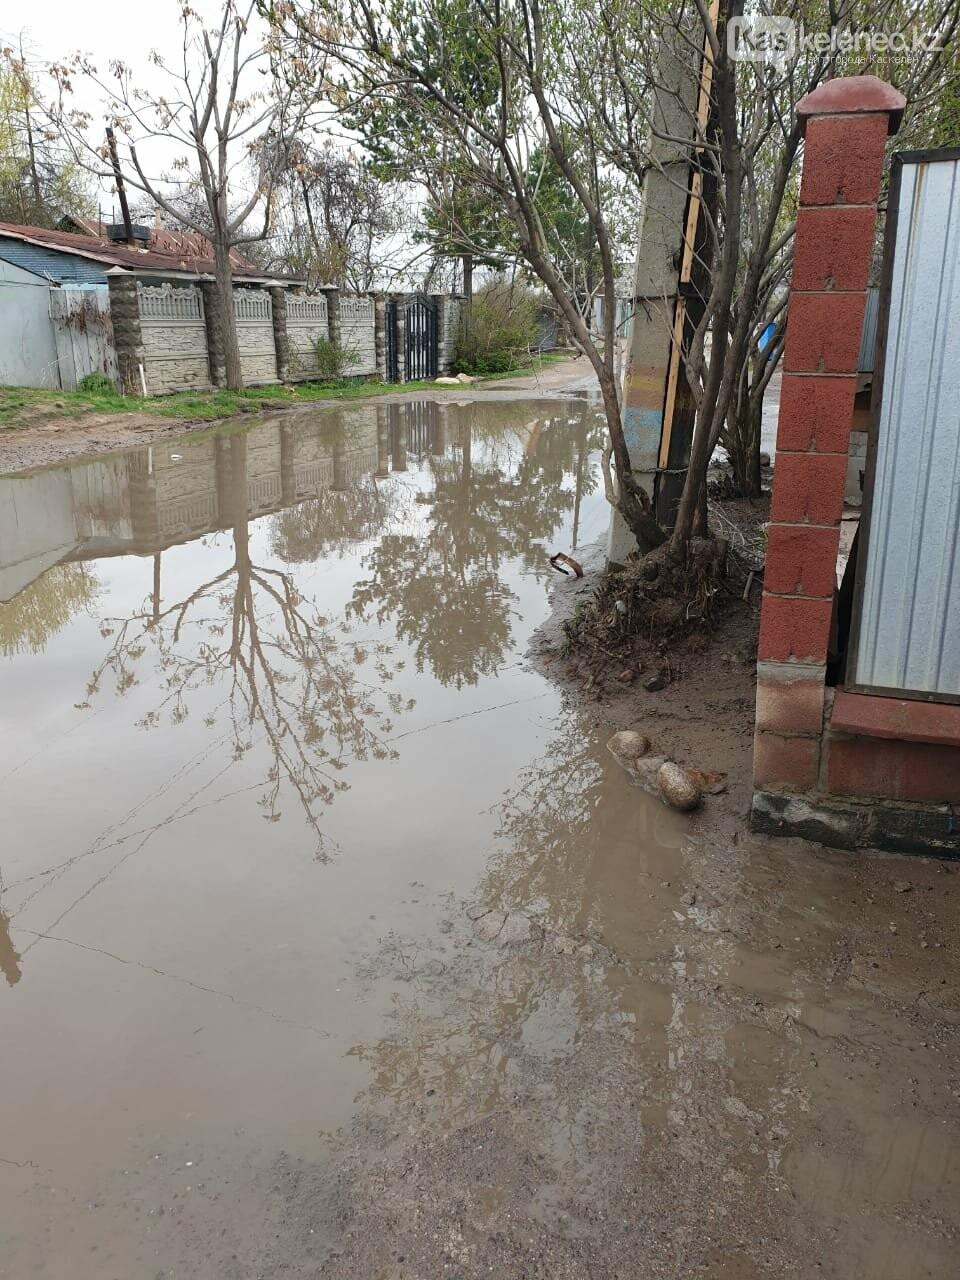 Байжарасовское озеро: после дождей на улицах Каскелена появляются новые водоемы, фото-1